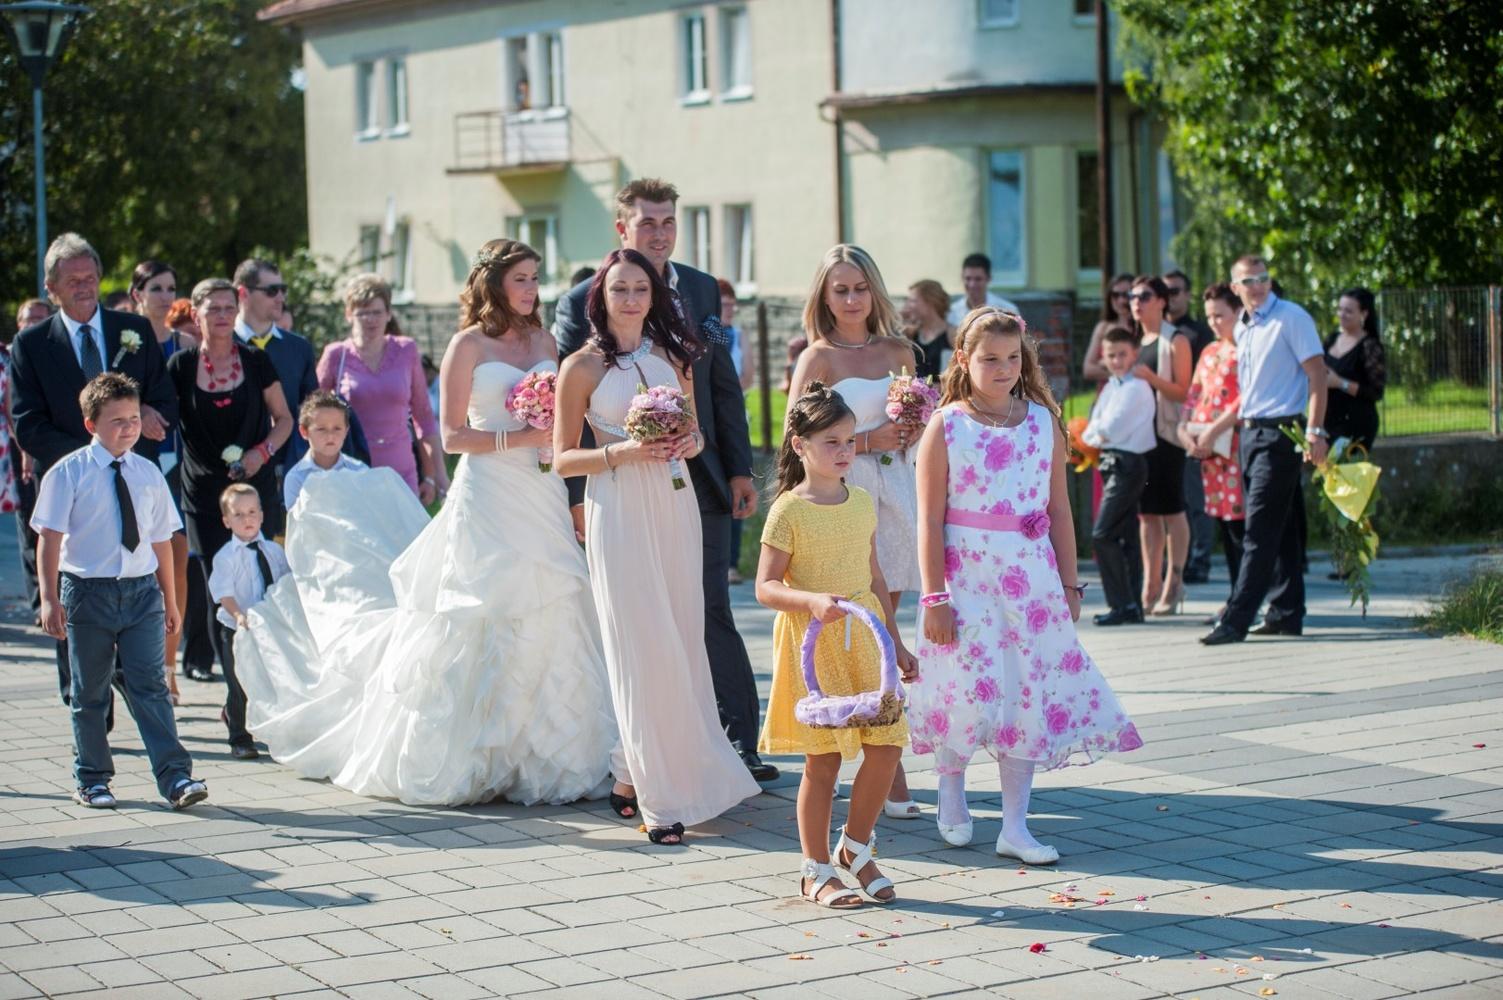 http://www.fotoz.sk/images/gallery-9/normal/eskuvoi-fotos_svadobny-fotograf_007.jpg